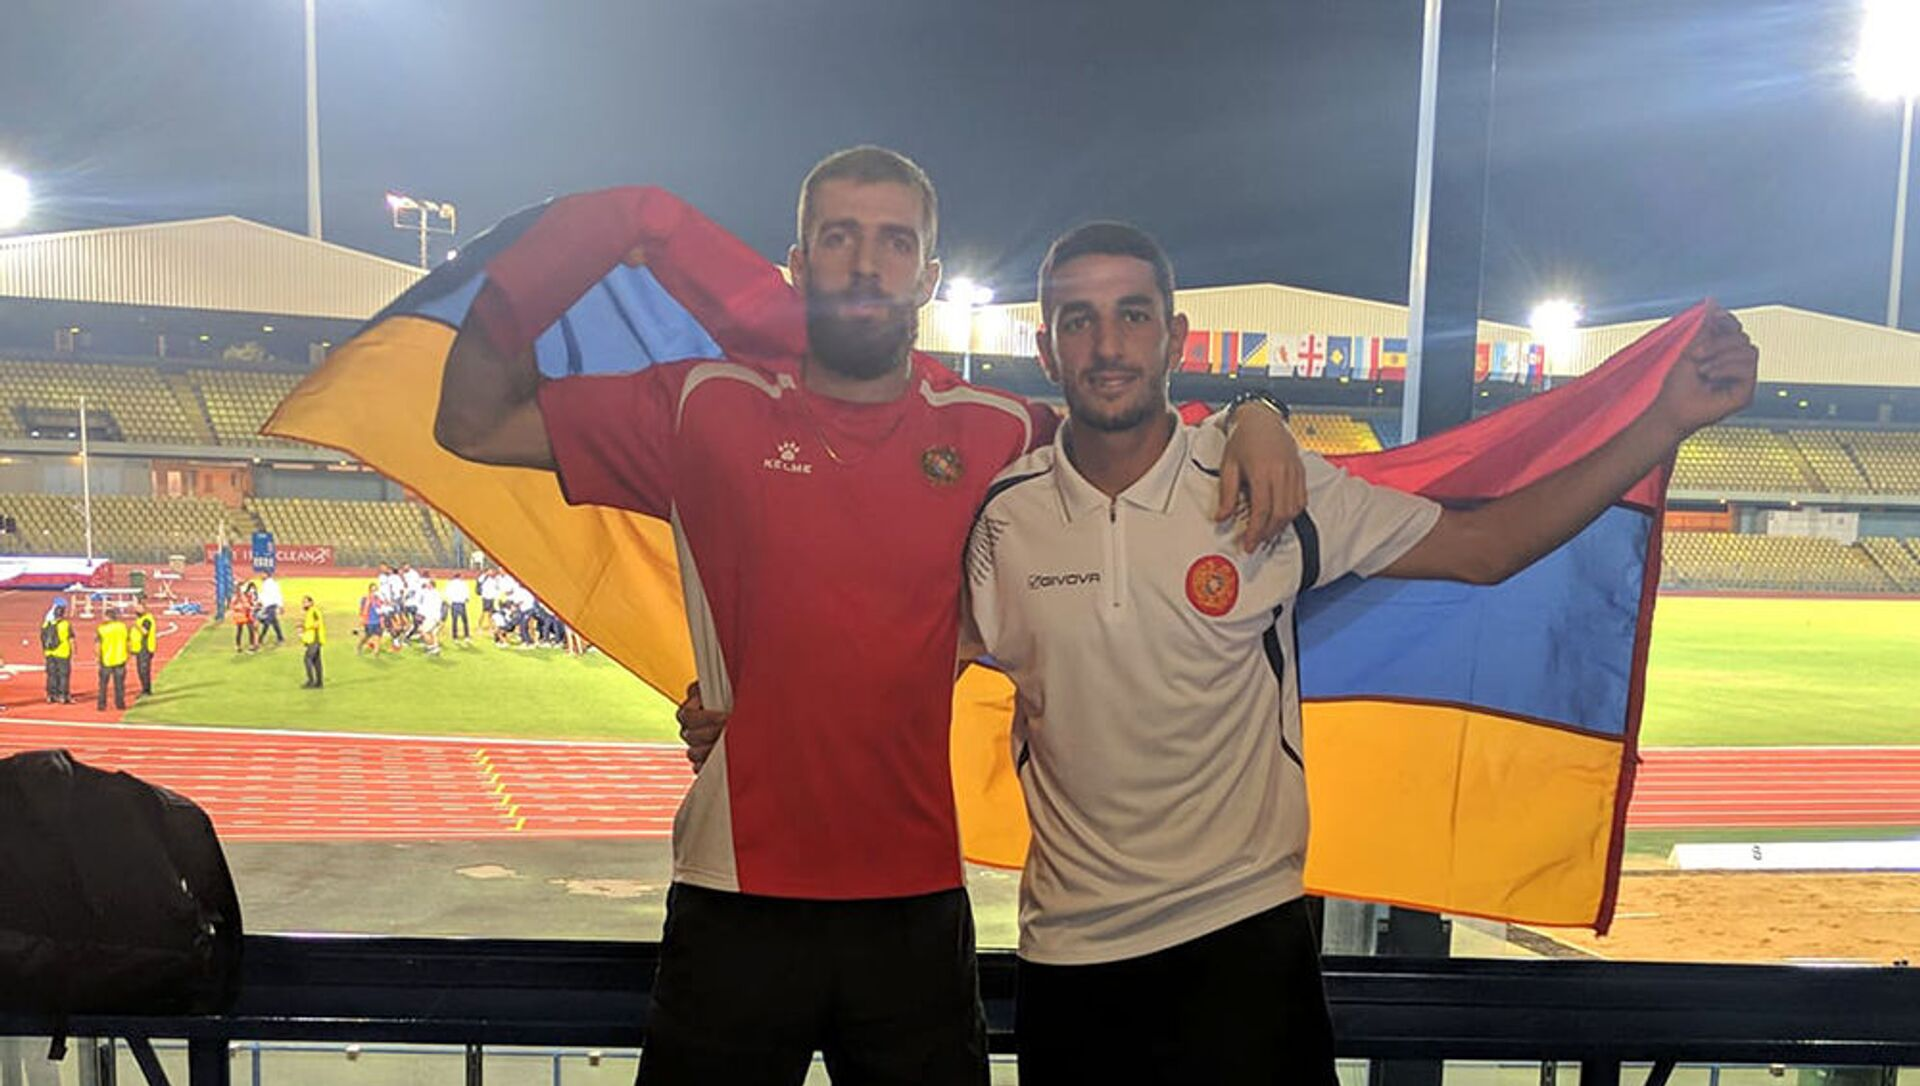 Левон Агасян (слева) выиграл тройной прыжок на командном ЧЕ в Лимасоле и набрал максимум очков для своей команды  - Sputnik Արմենիա, 1920, 21.06.2021